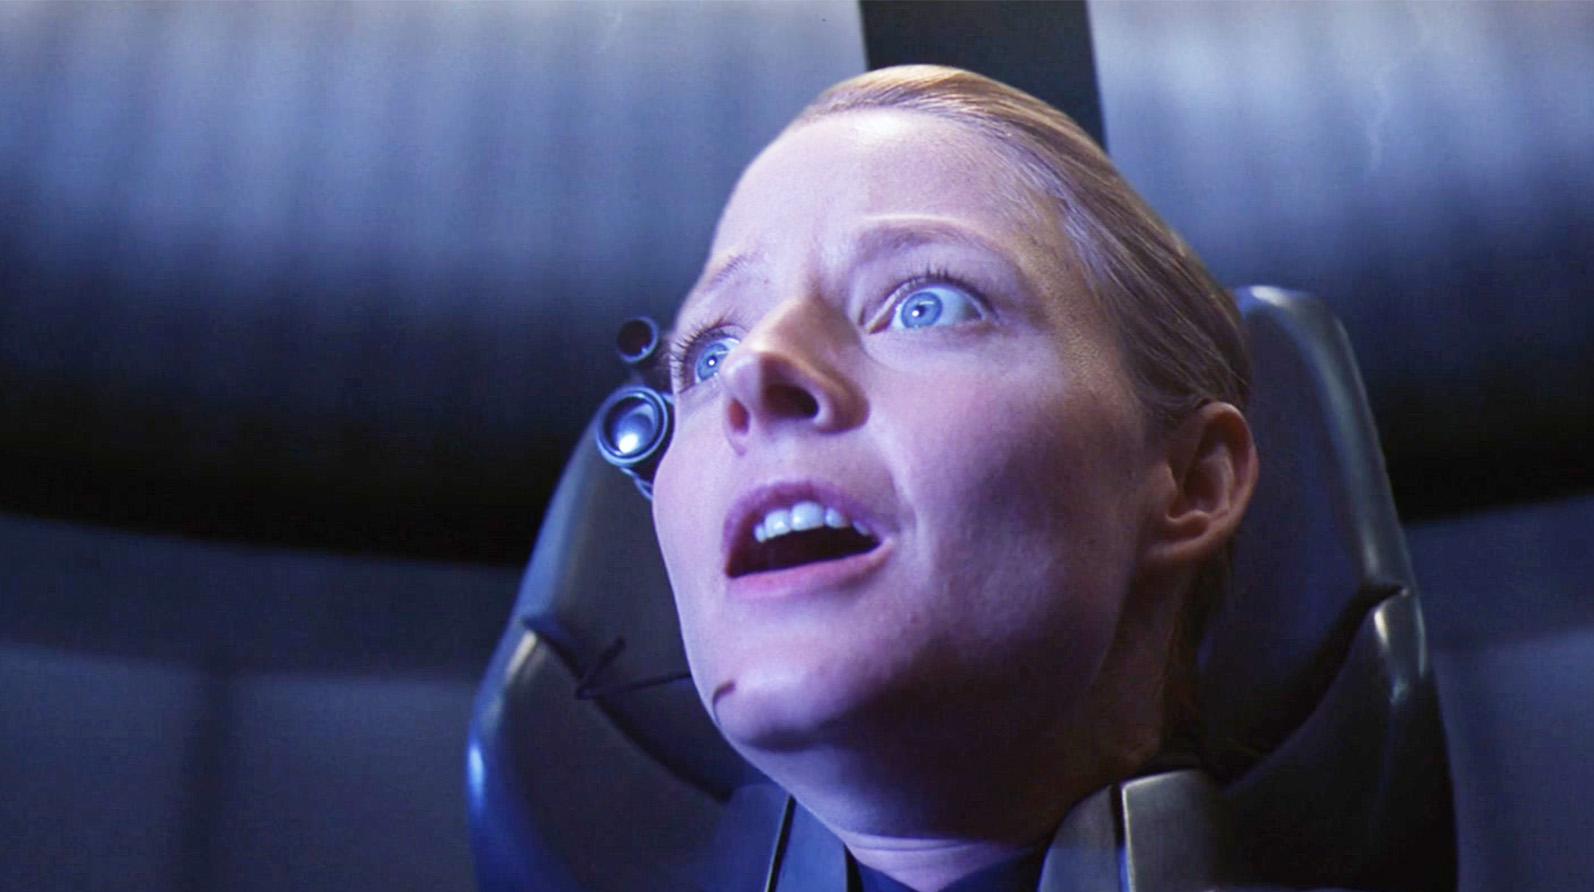 #经典看电影#女博士进入一个大球内,接触到奇怪生命体,但没有人相信她说的话